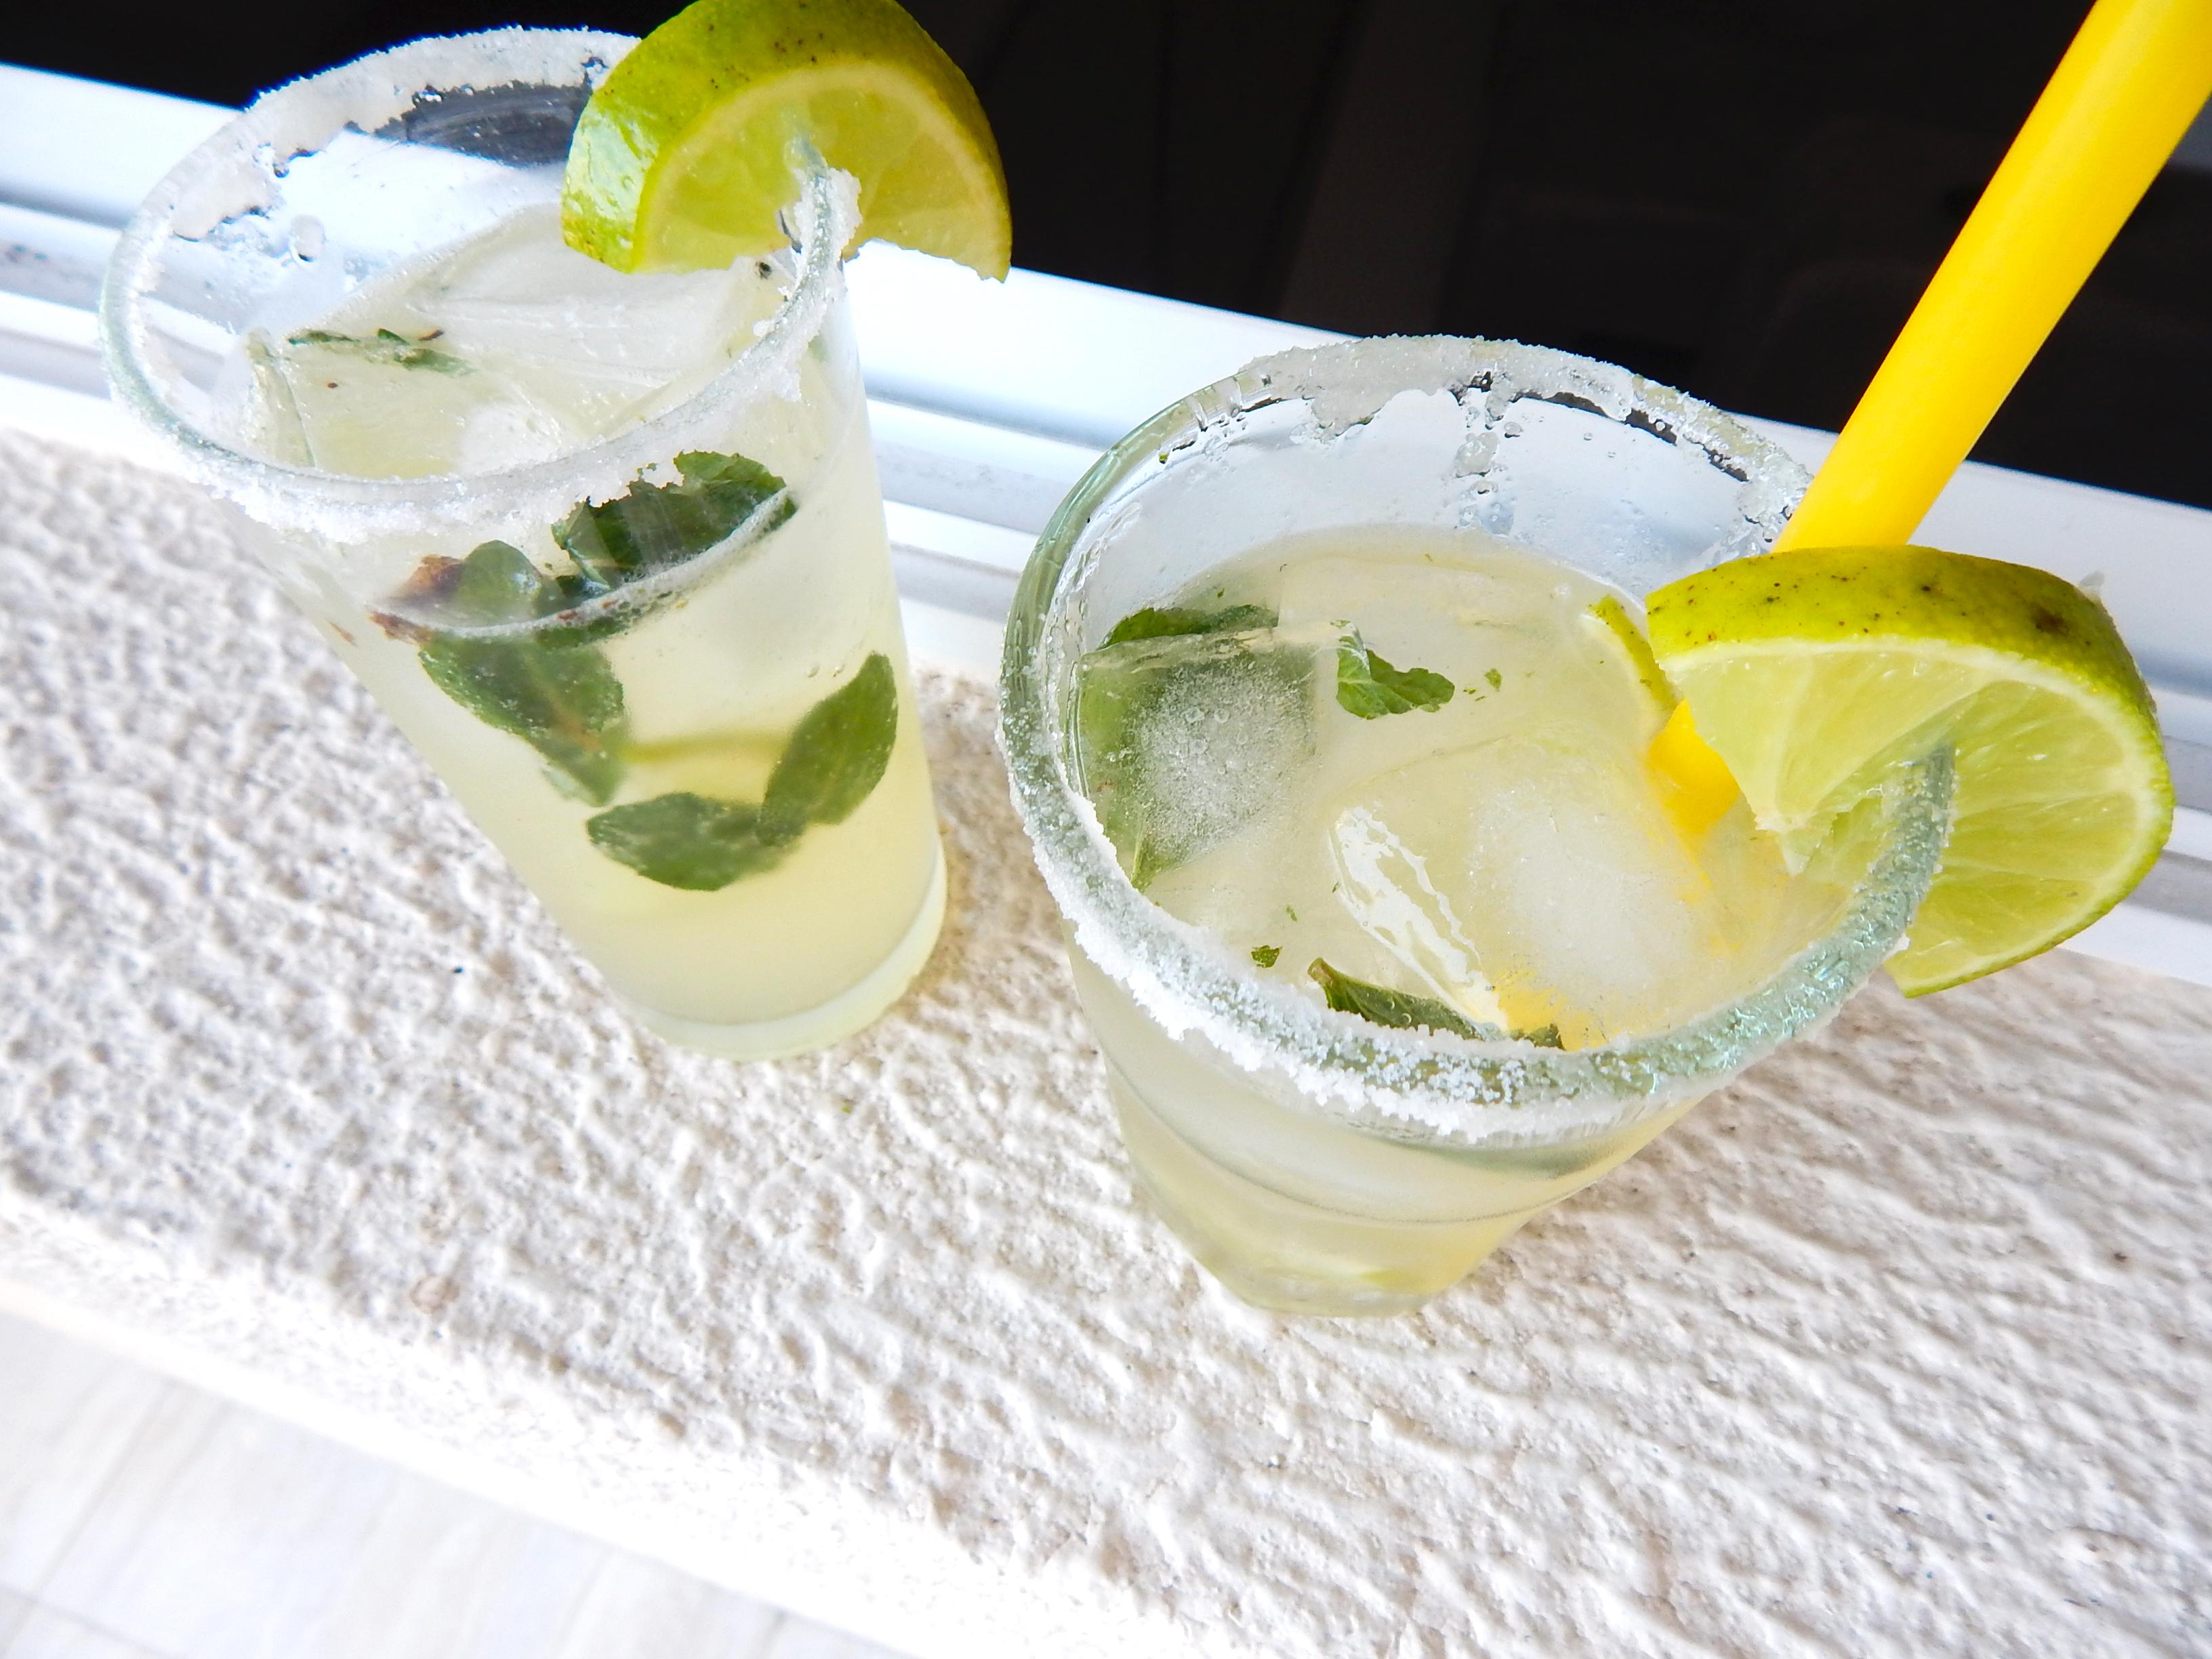 sirva-1-drink-receita-drink-mojito-na-cozinha-sozinho